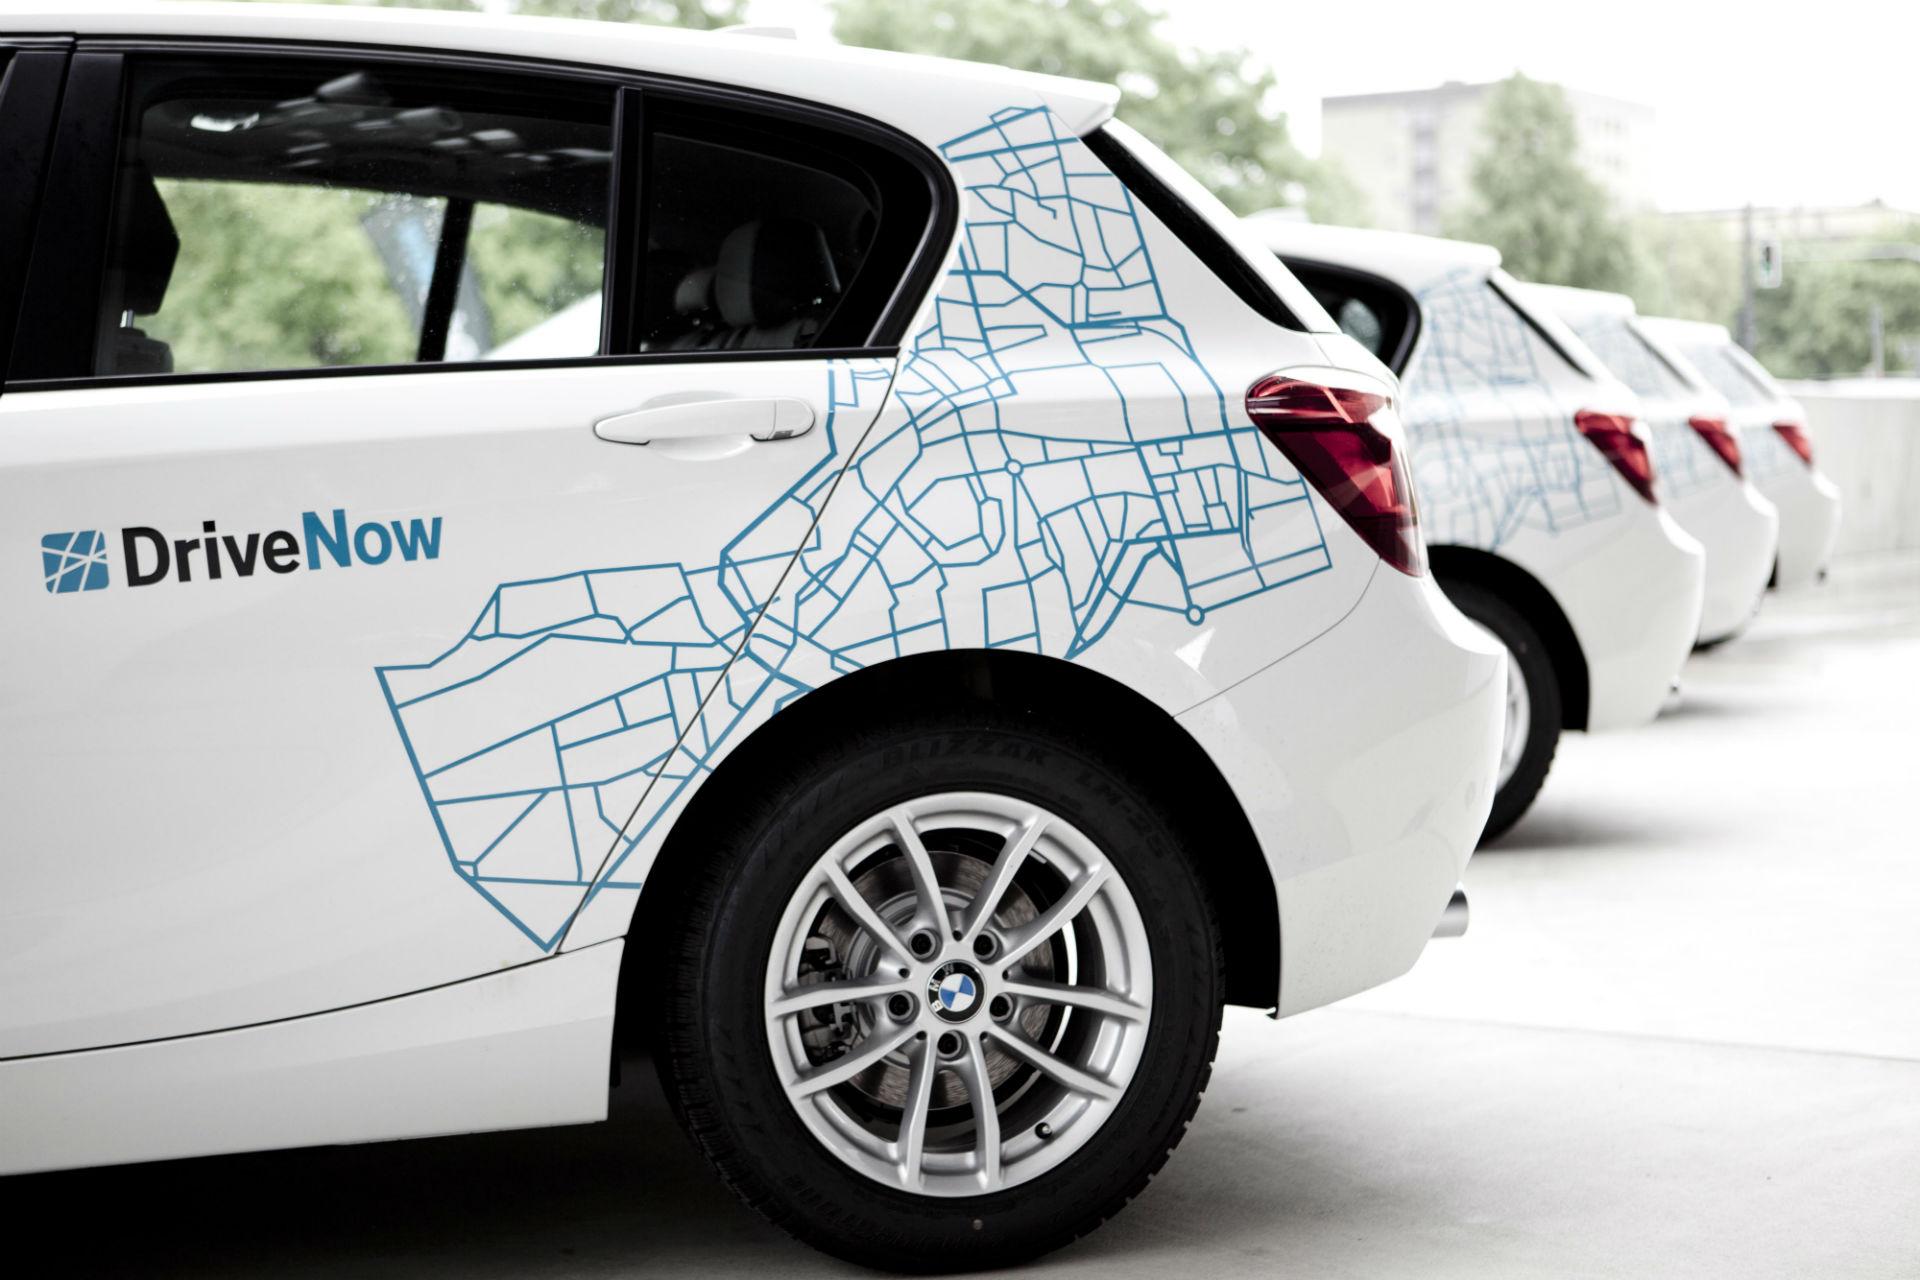 [Übersicht]DriveNow Carsharing-Kooperationen (kostenlose Anmeldung; Freiminuten)